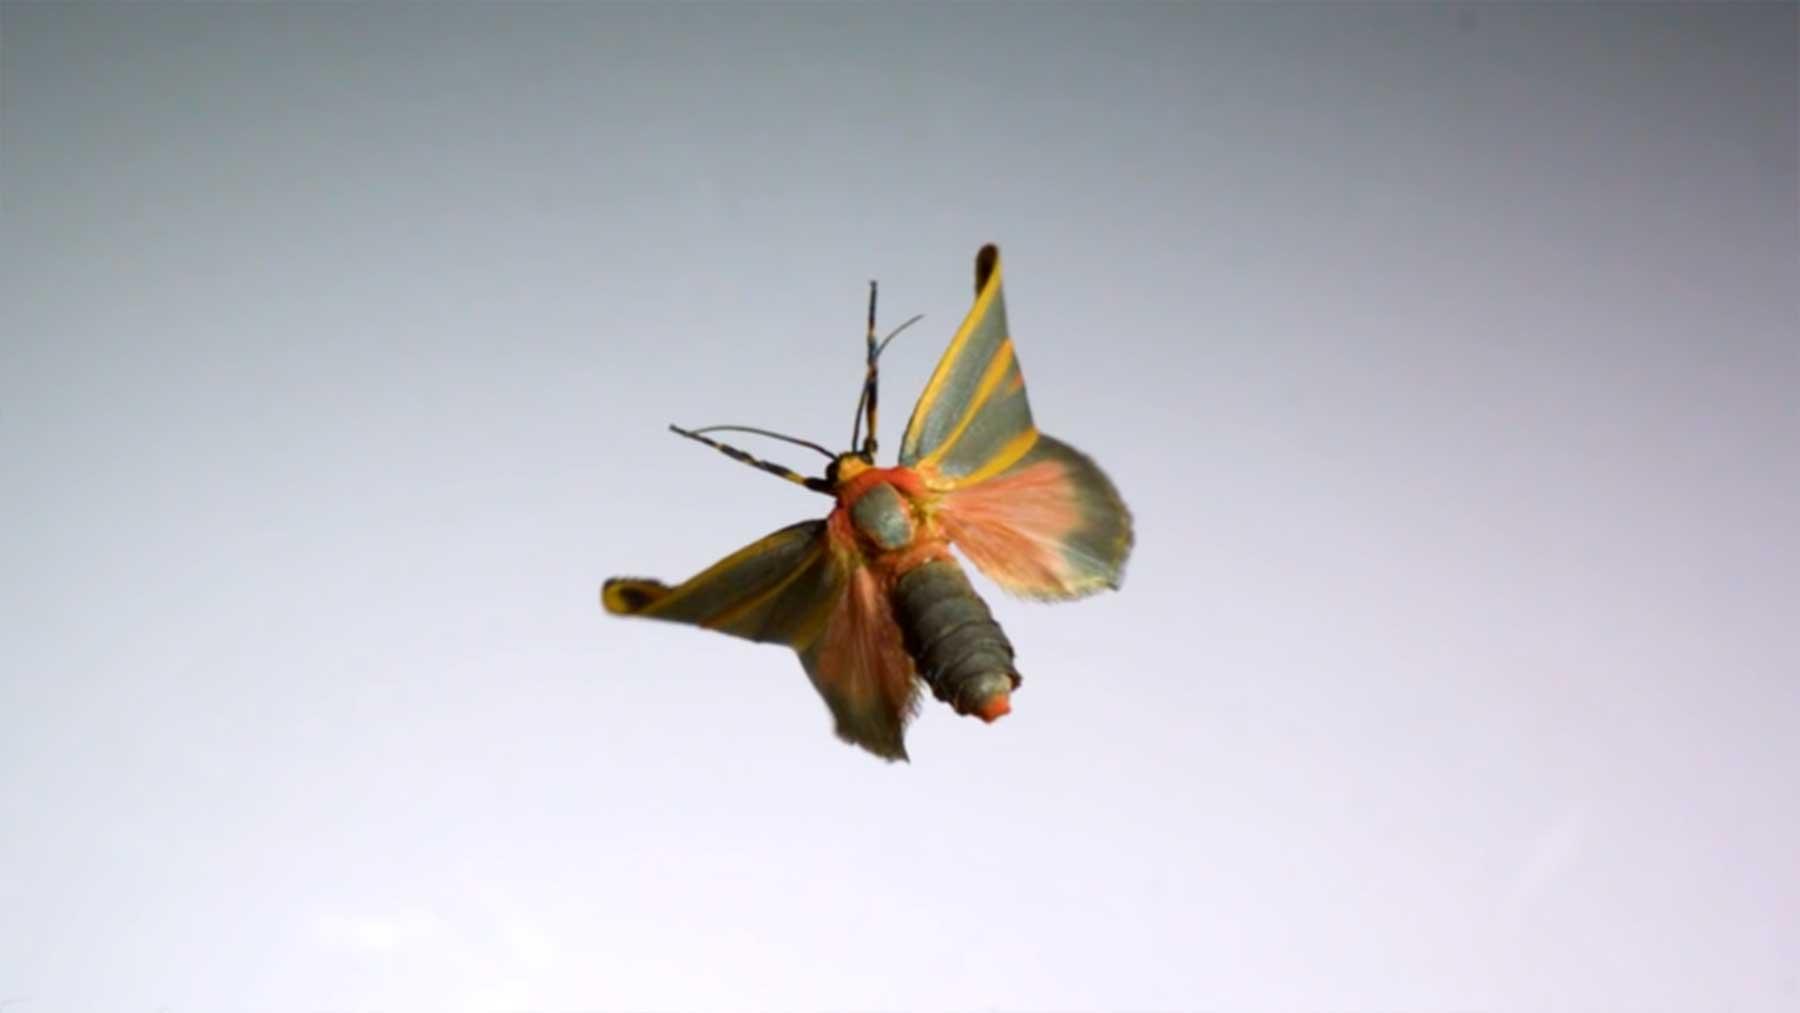 Insektenflüge in Superzeitlupe insekten-in-superzeitlupe